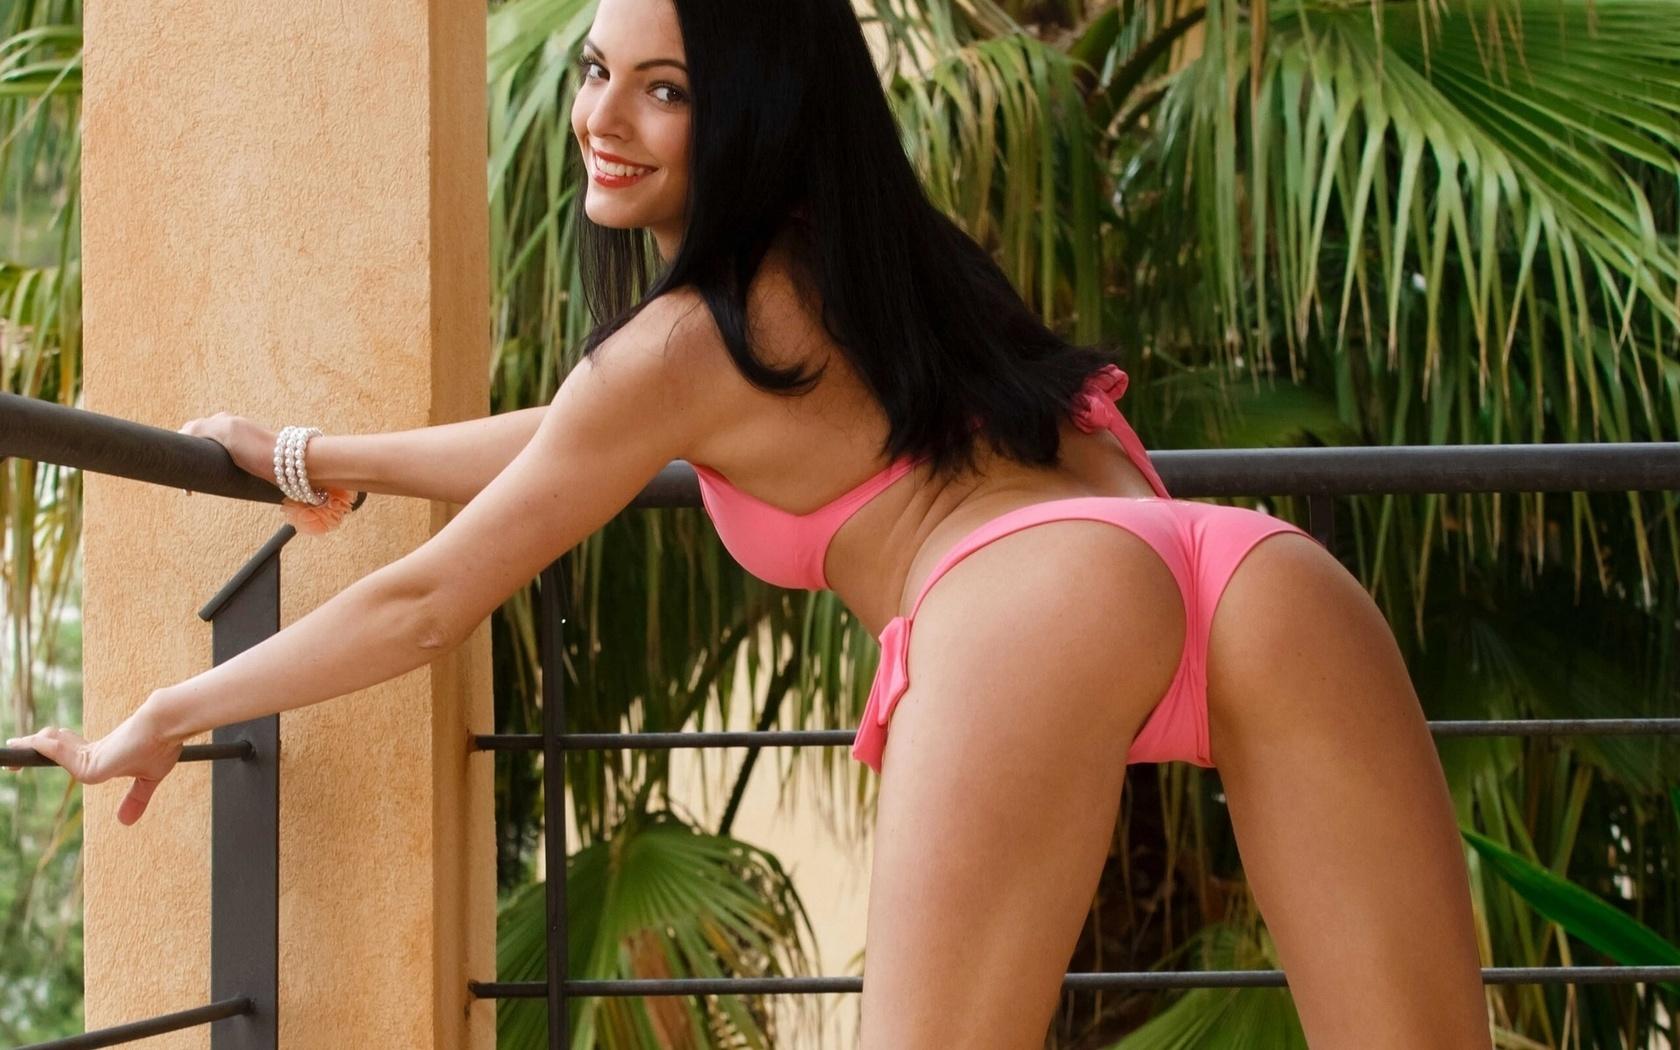 фото девушки в бикини c голыми сиськами